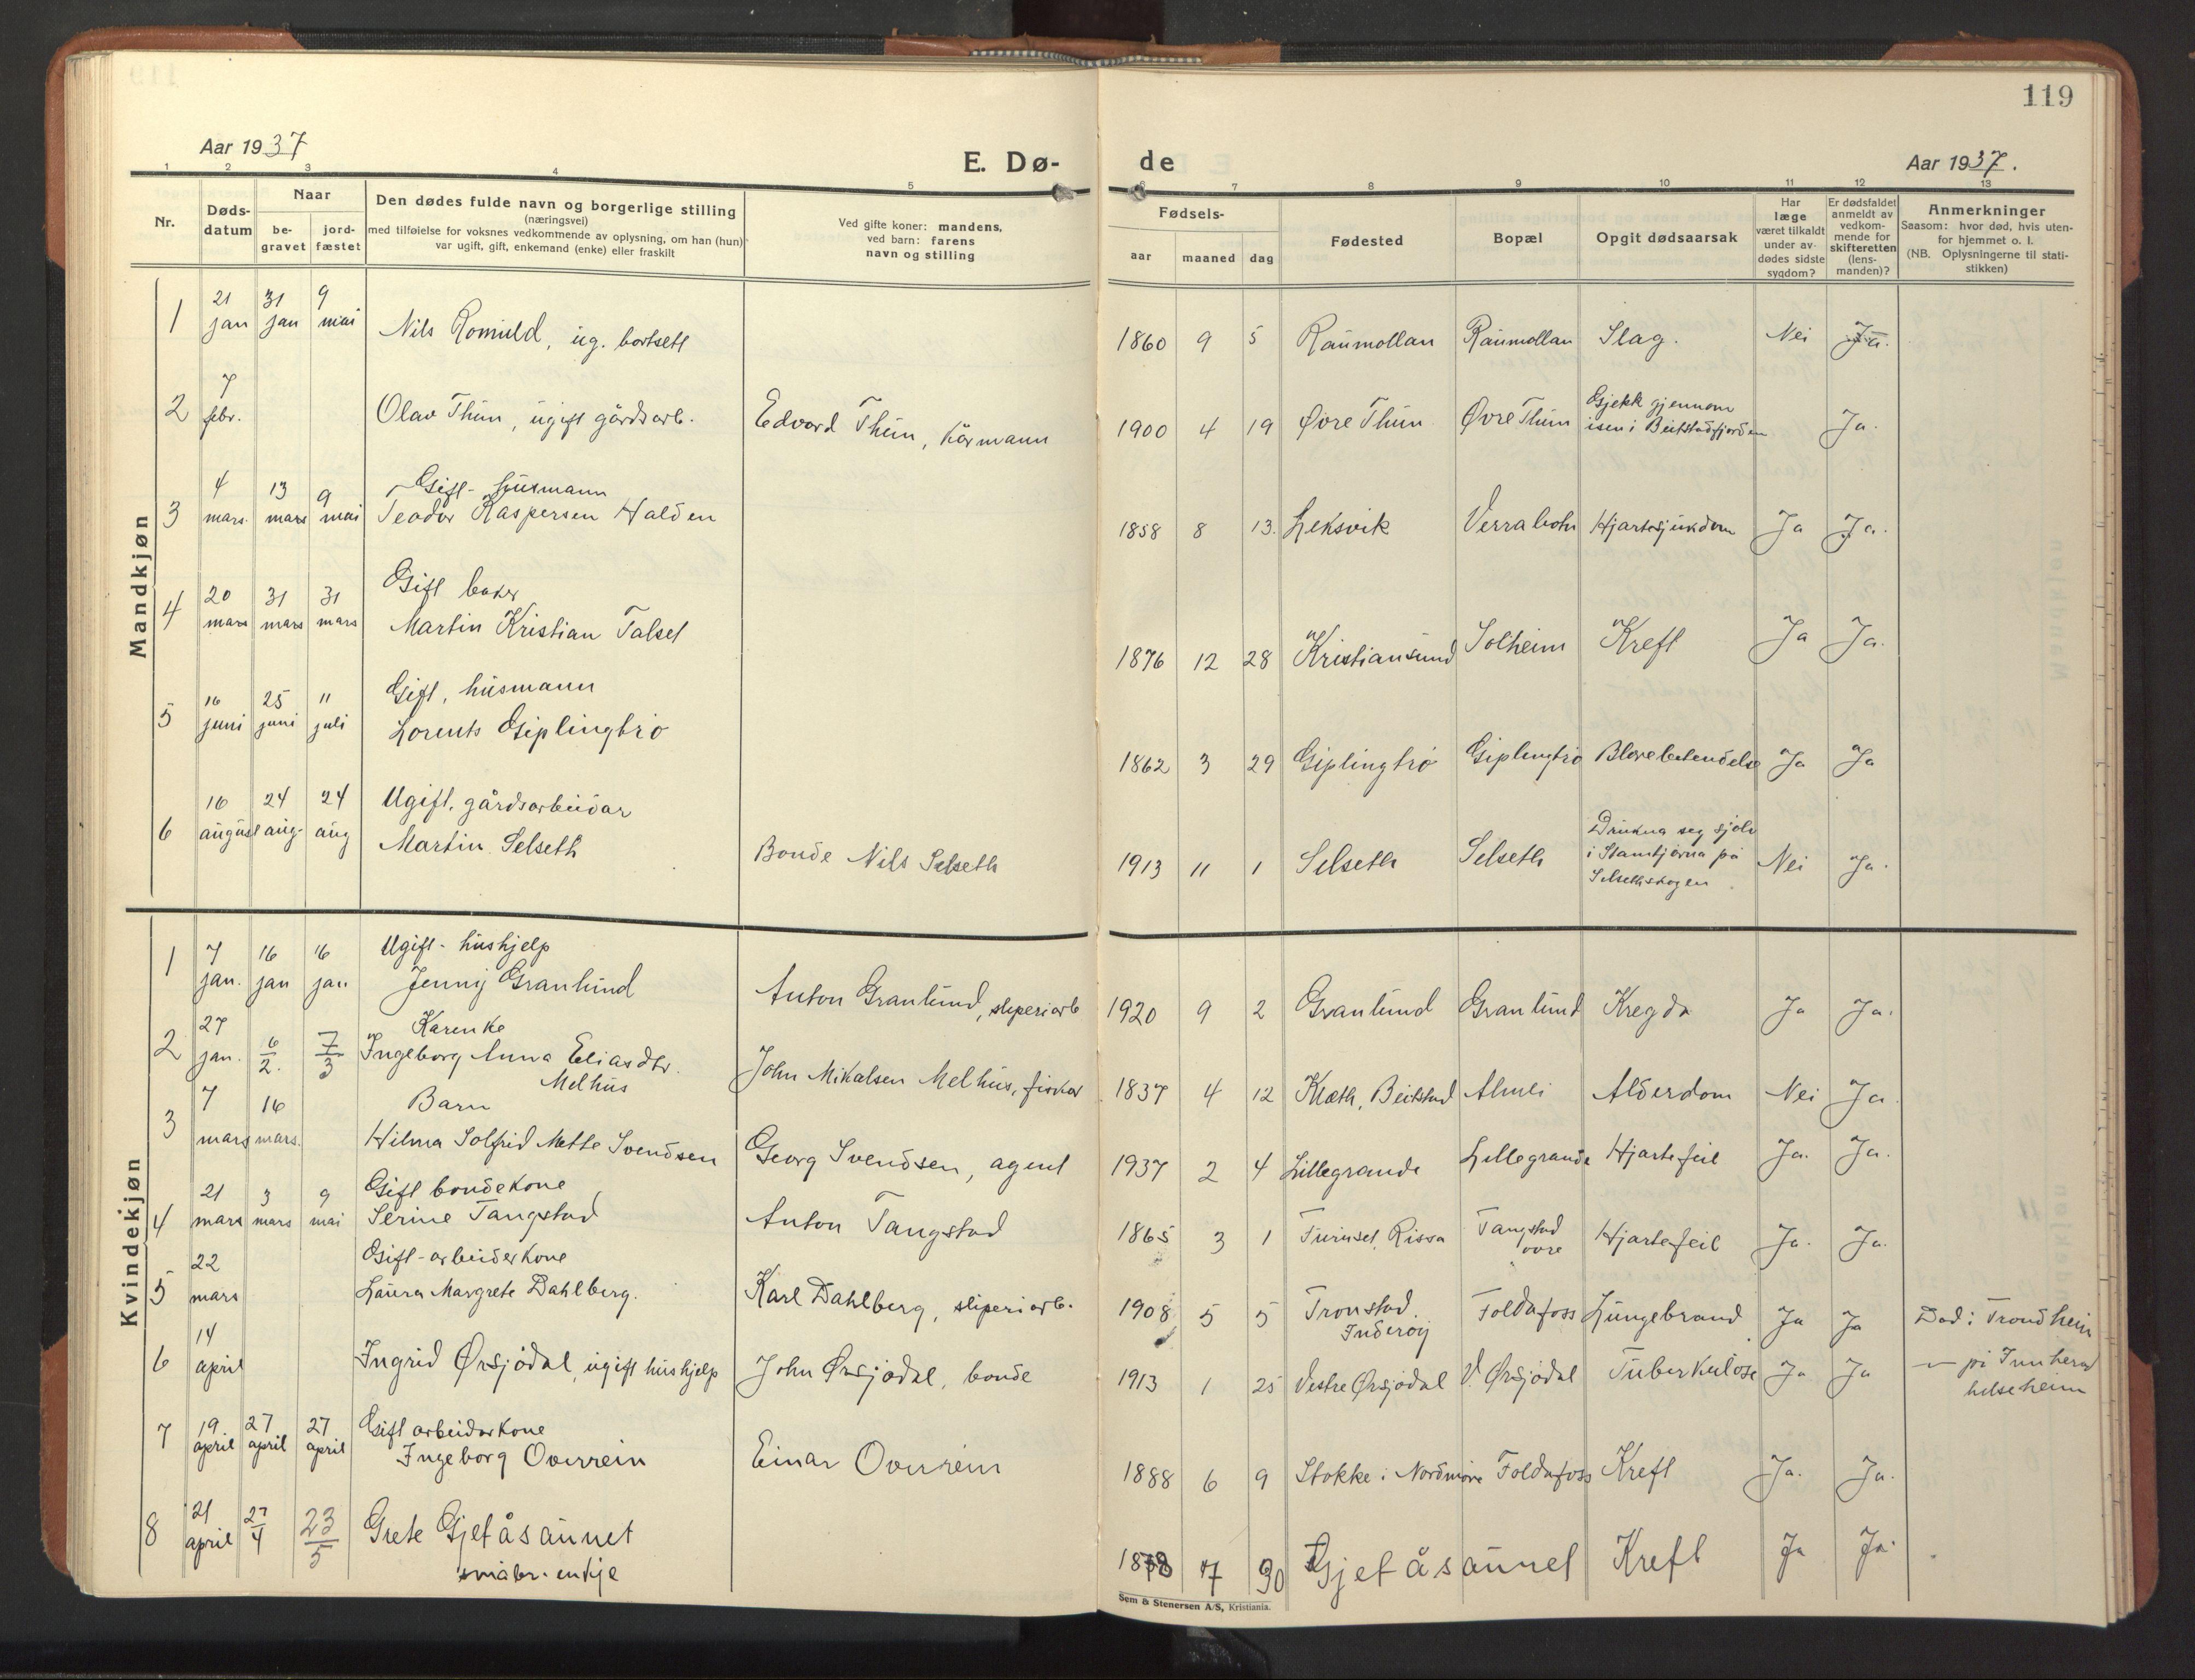 SAT, Ministerialprotokoller, klokkerbøker og fødselsregistre - Nord-Trøndelag, 744/L0425: Klokkerbok nr. 744C04, 1924-1947, s. 119